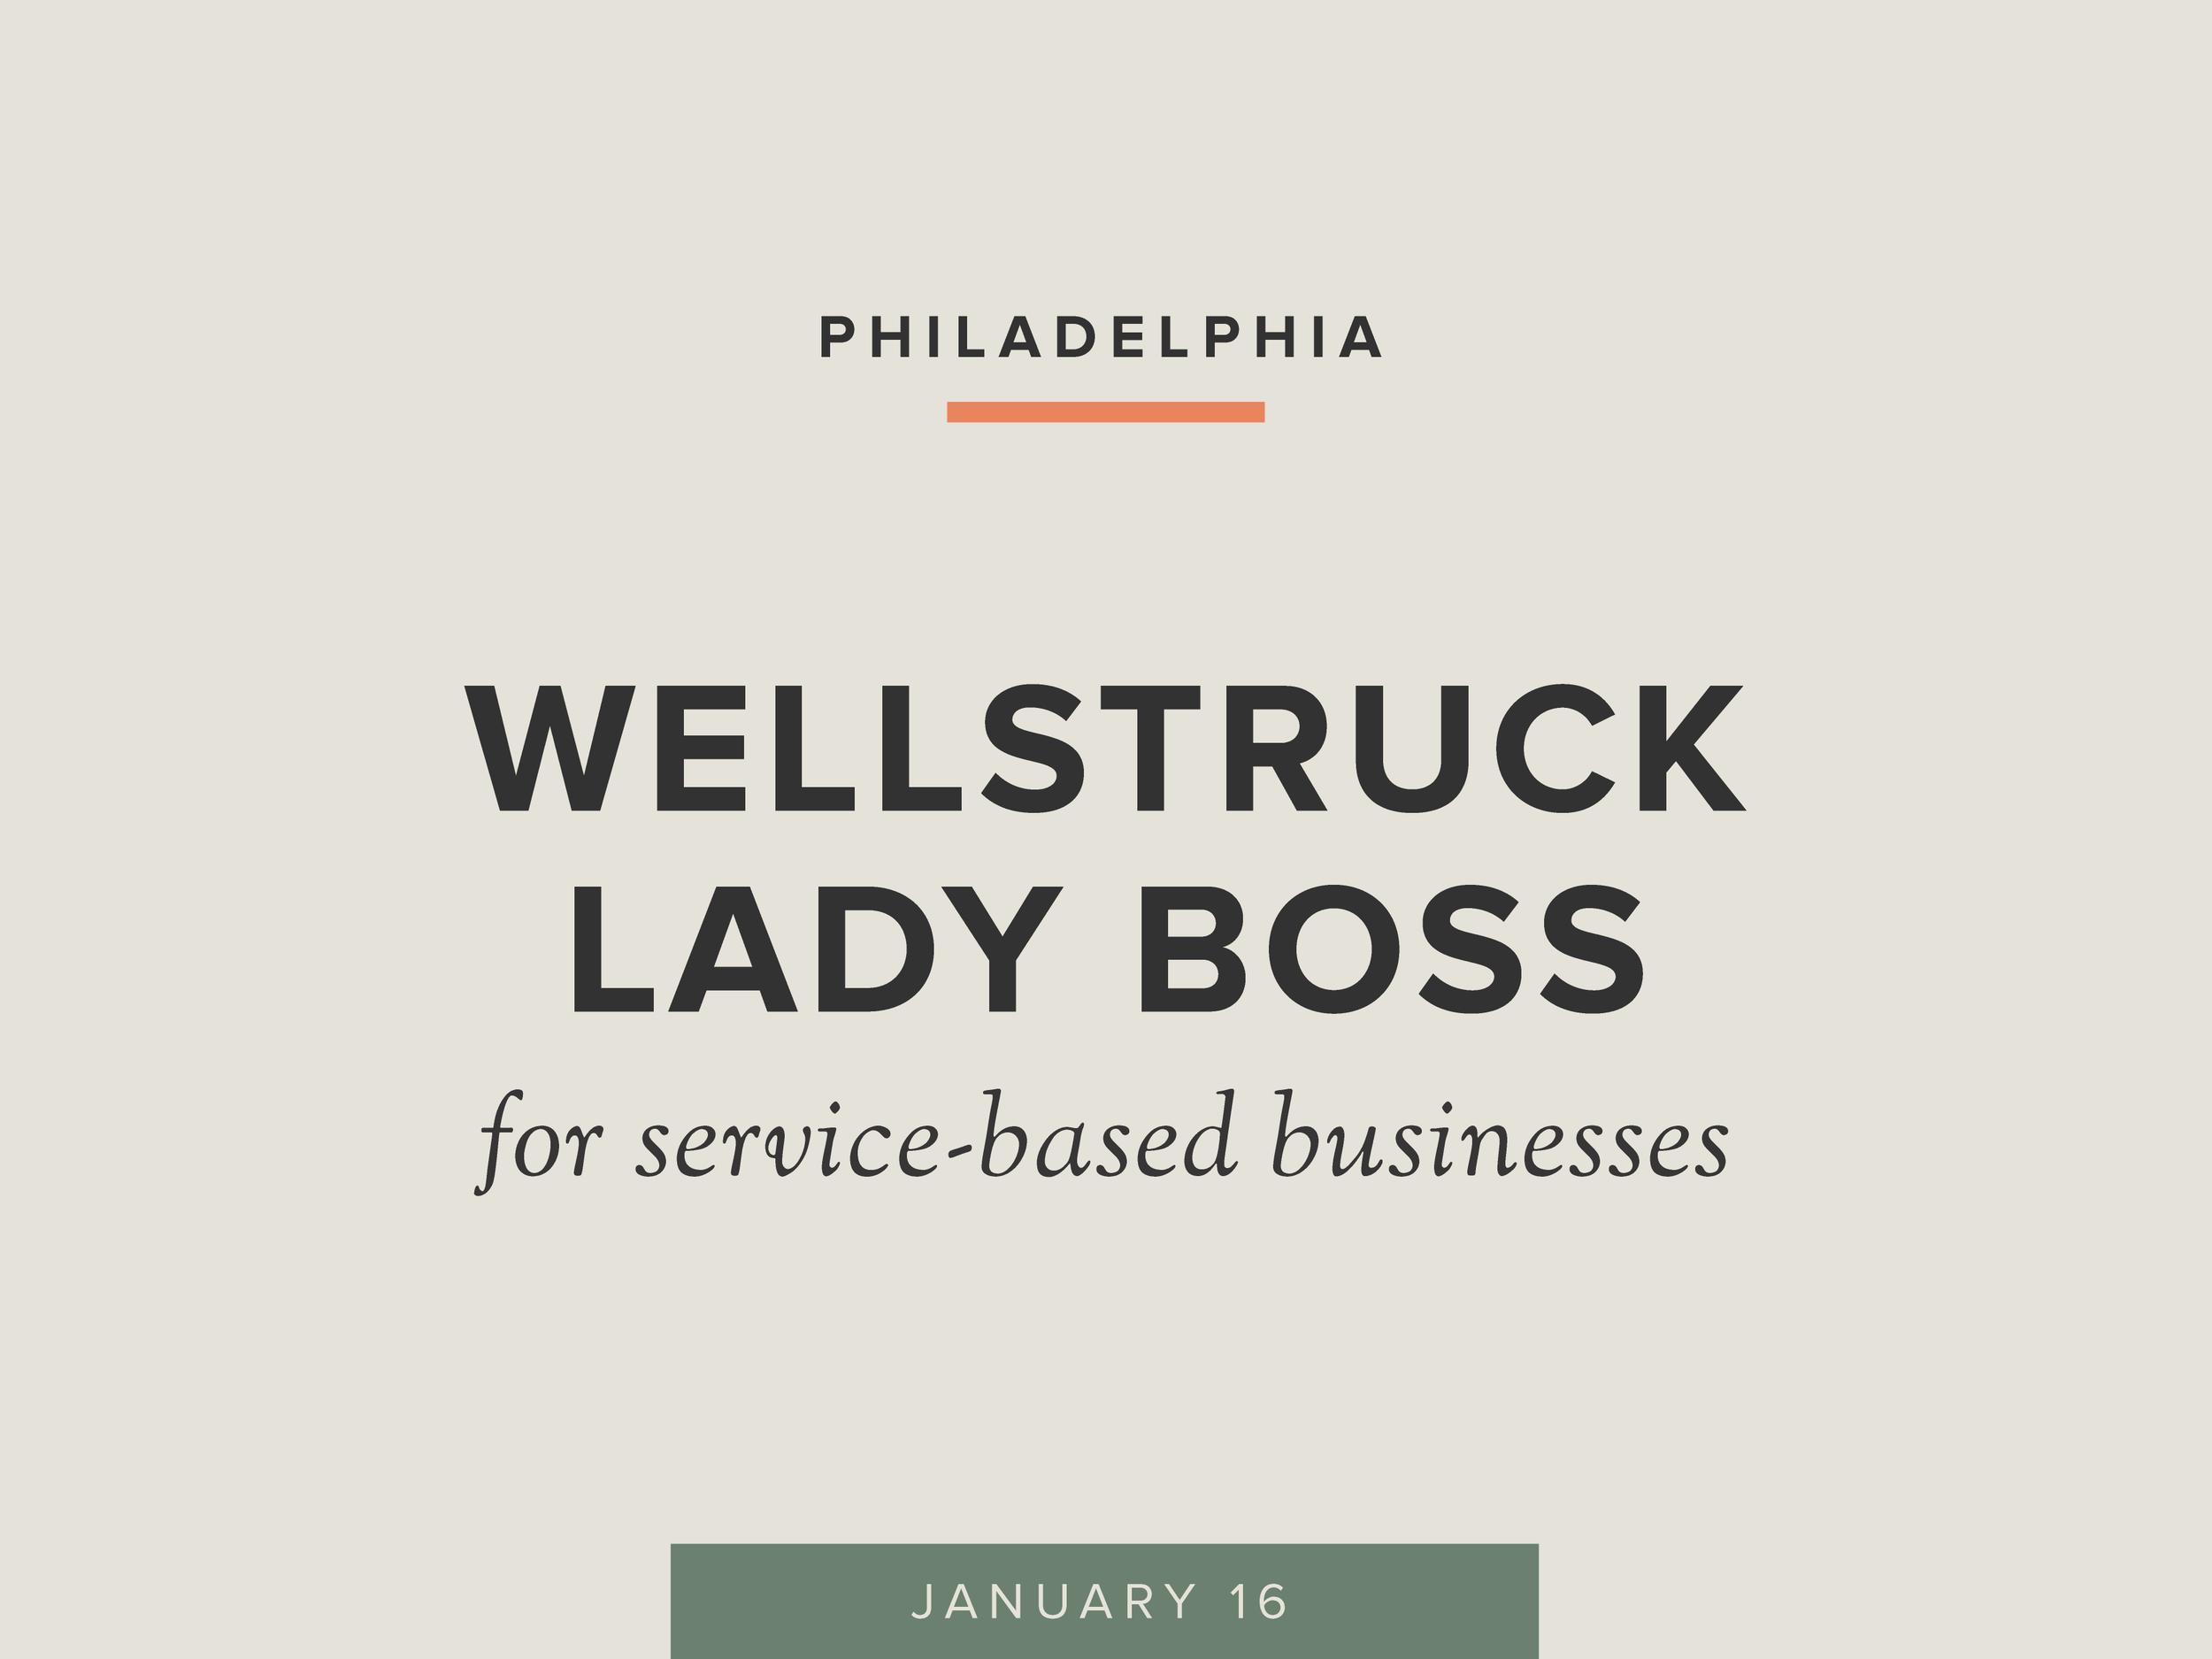 Wellstruck Lady Boss with Sam Vander Wielen